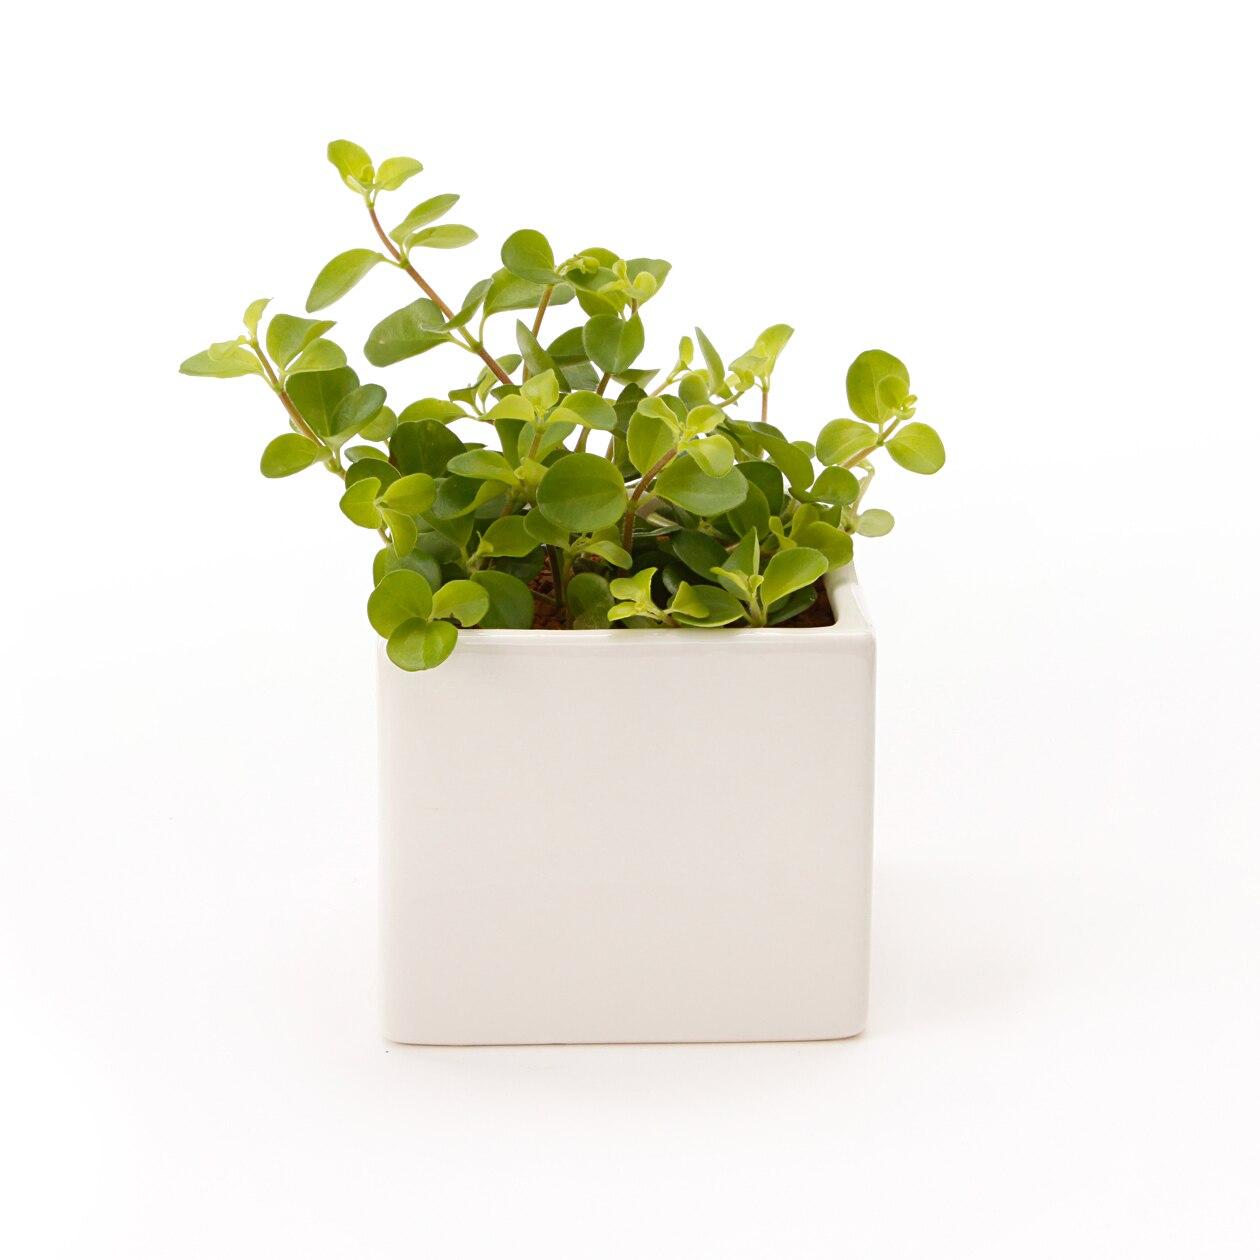 【ネット限定】リサイクルテラコッタに植えた観葉植物 ロタンディフォーリア